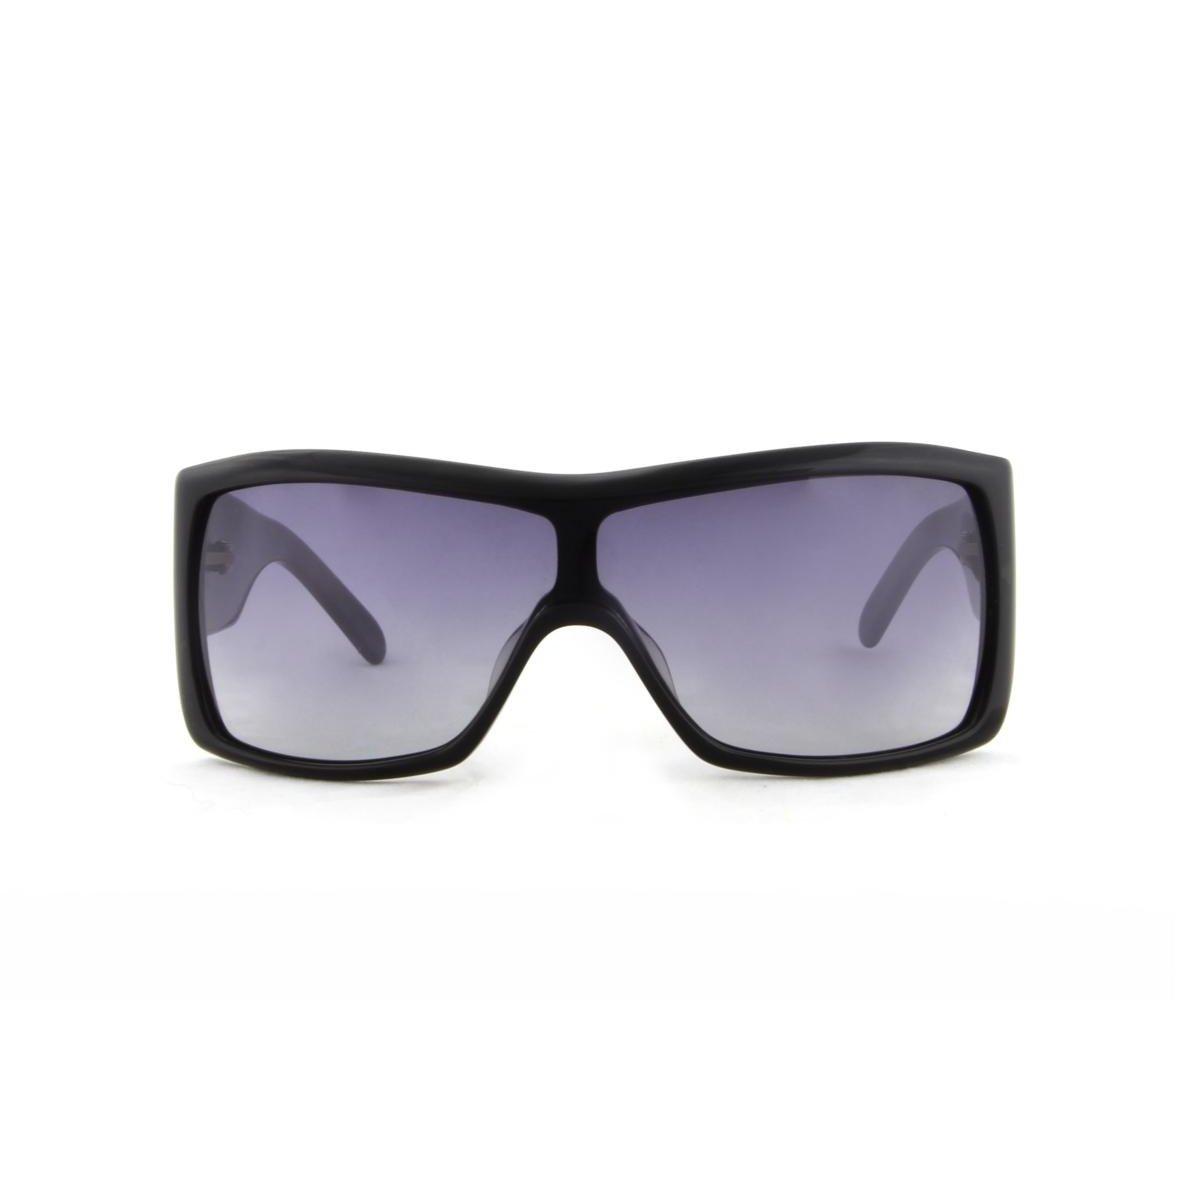 58290bf4bdda5 Óculos de Sol Spellbound Acetato Lente Degradê - Preto - Compre ...